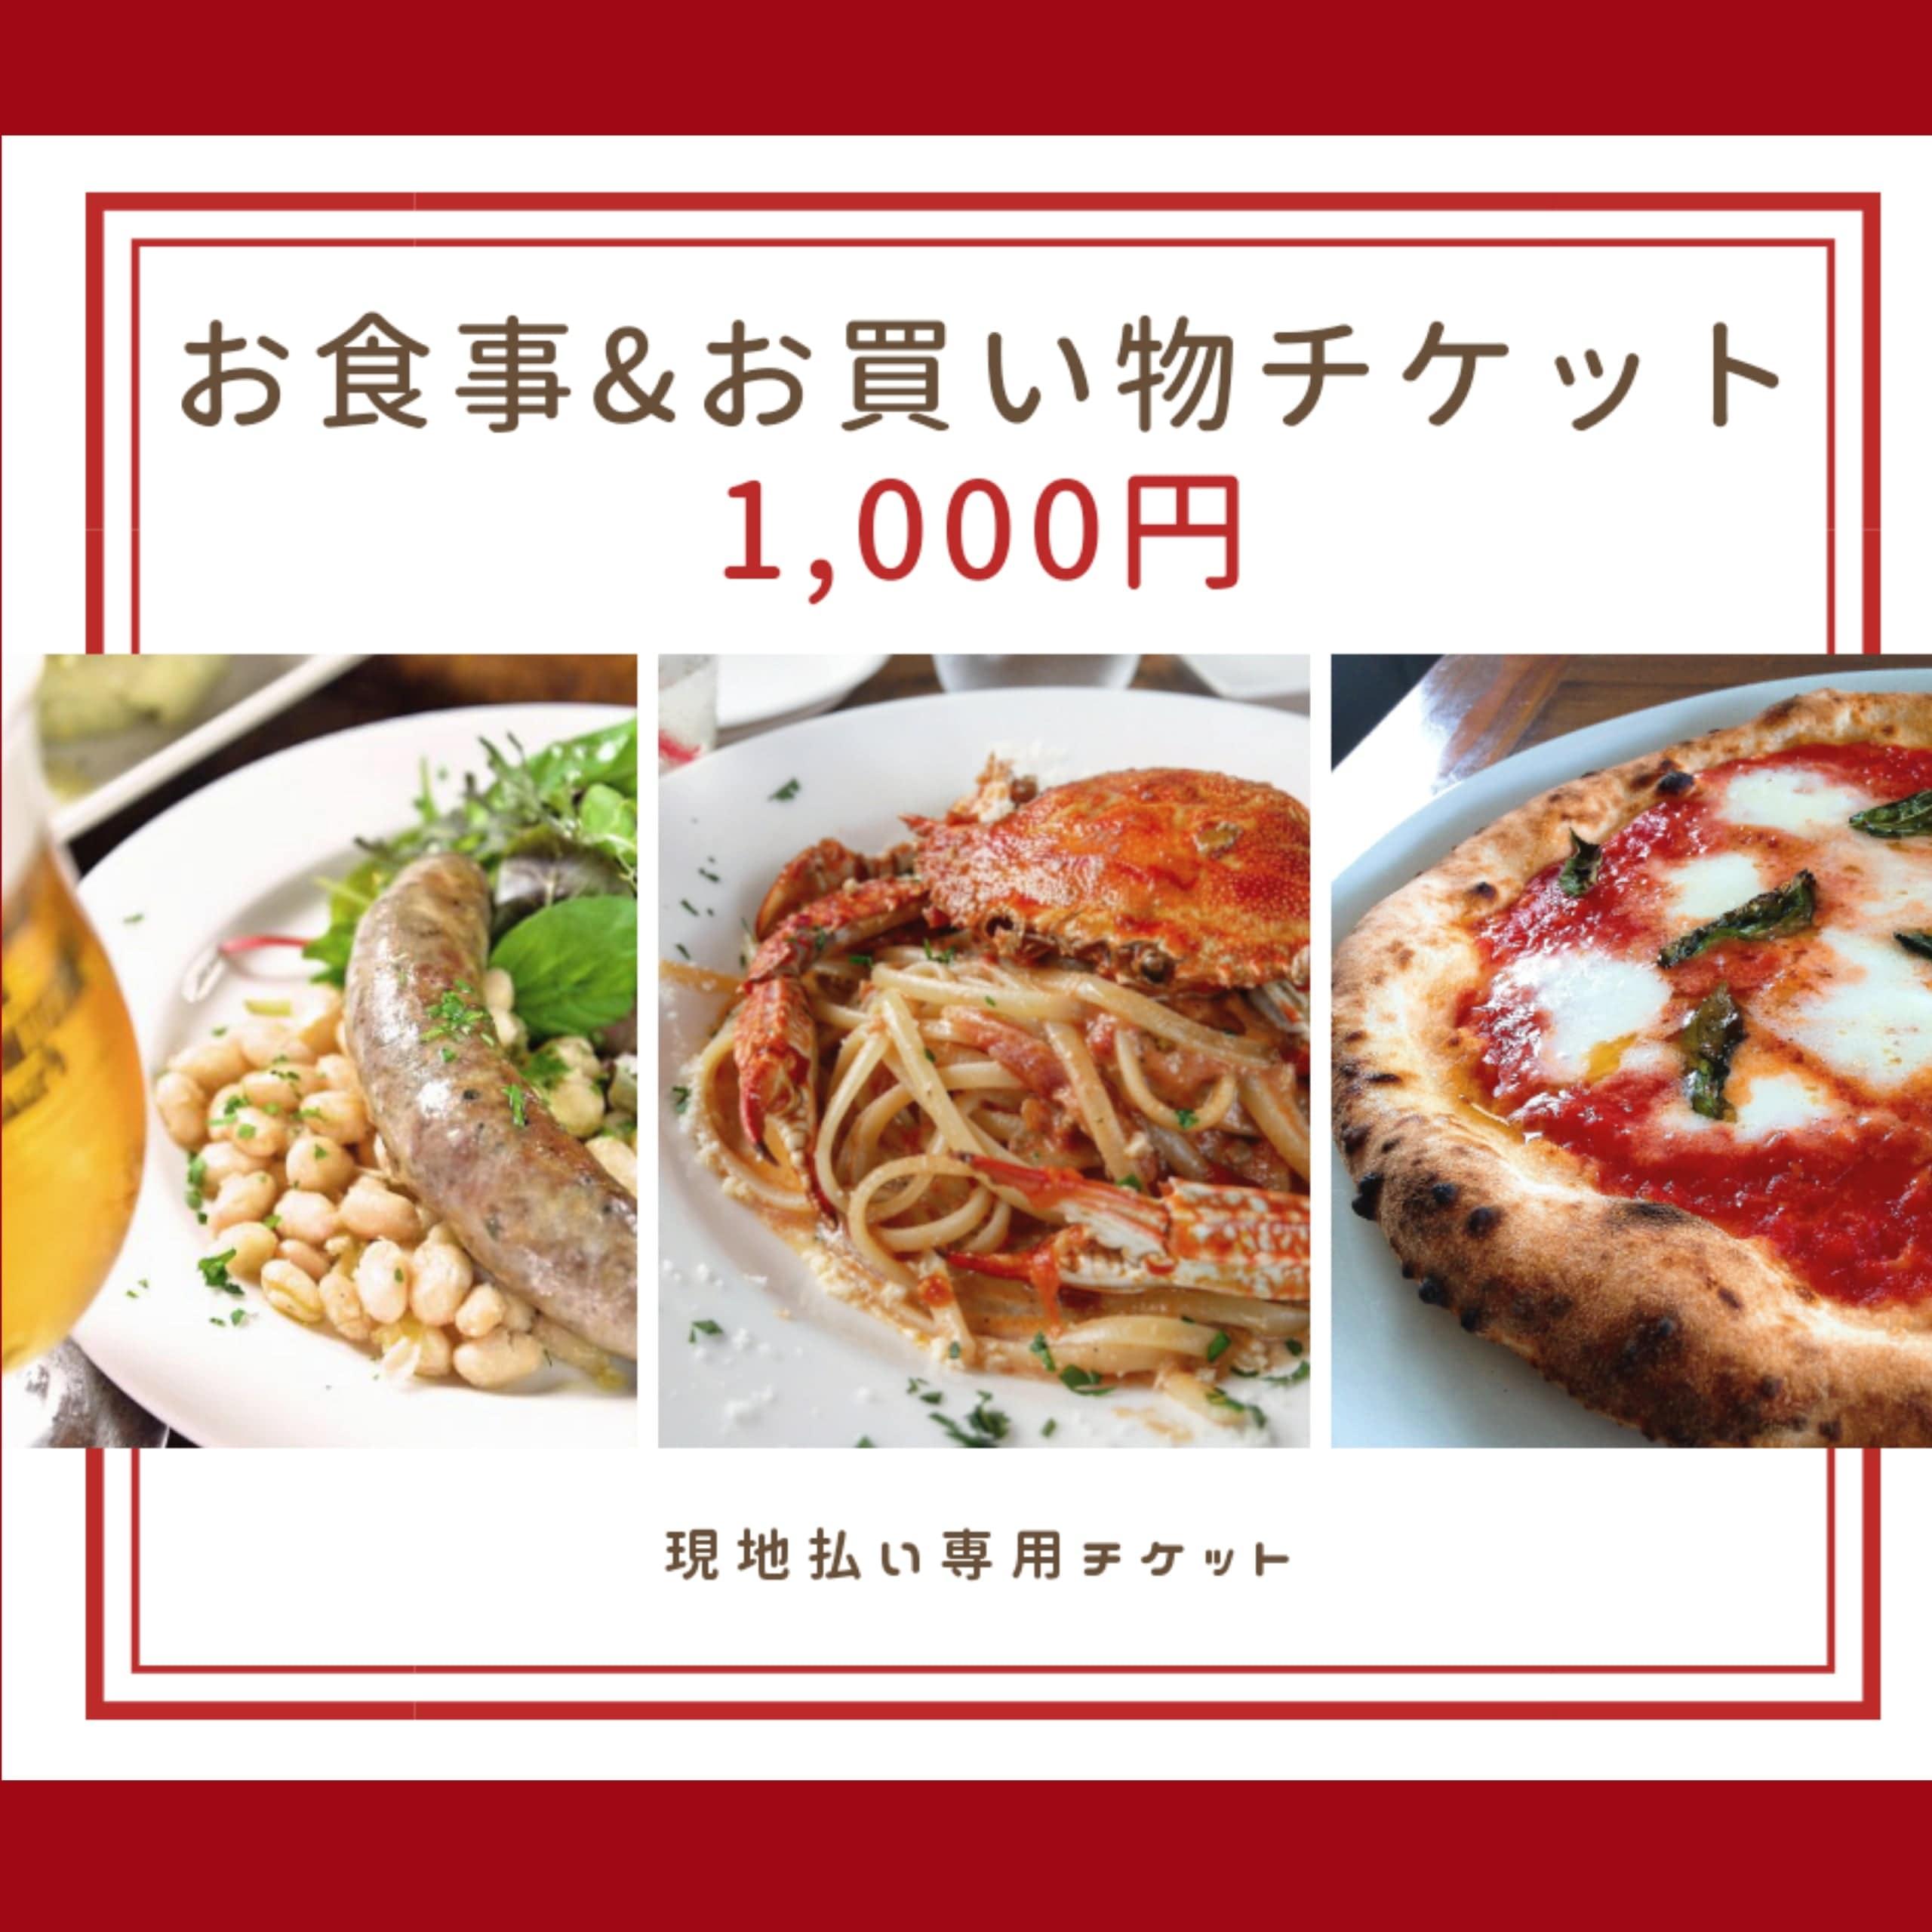 1,000円お食事&お買い物チケットのイメージその1